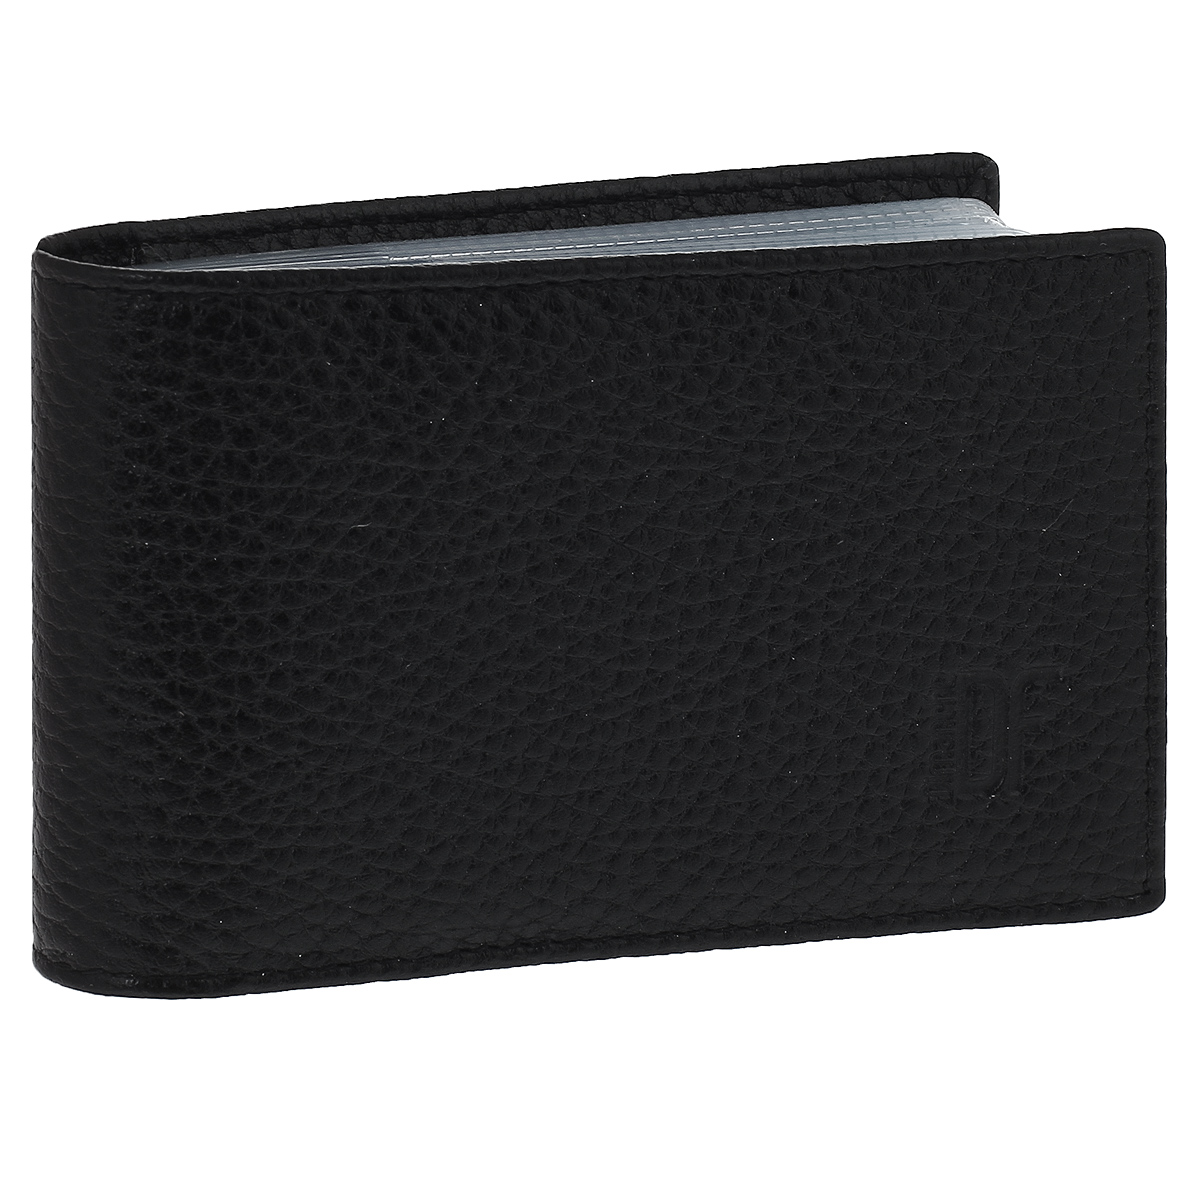 Футляр для визиток Dimanche Street, цвет: черный. 182B16-11416Футляр для визиток Dimanche Street изготовлен из натуральной фактурной матовой кожи черного цвета. Внутри содержится блок из прозрачных пластиковых файлов на 16 визиток, а также дополнительный карман для пластиковой карты. Стильный футляр эффектно дополнит ваш образ и поможет хранить визитки и пластиковые карты в одном месте.